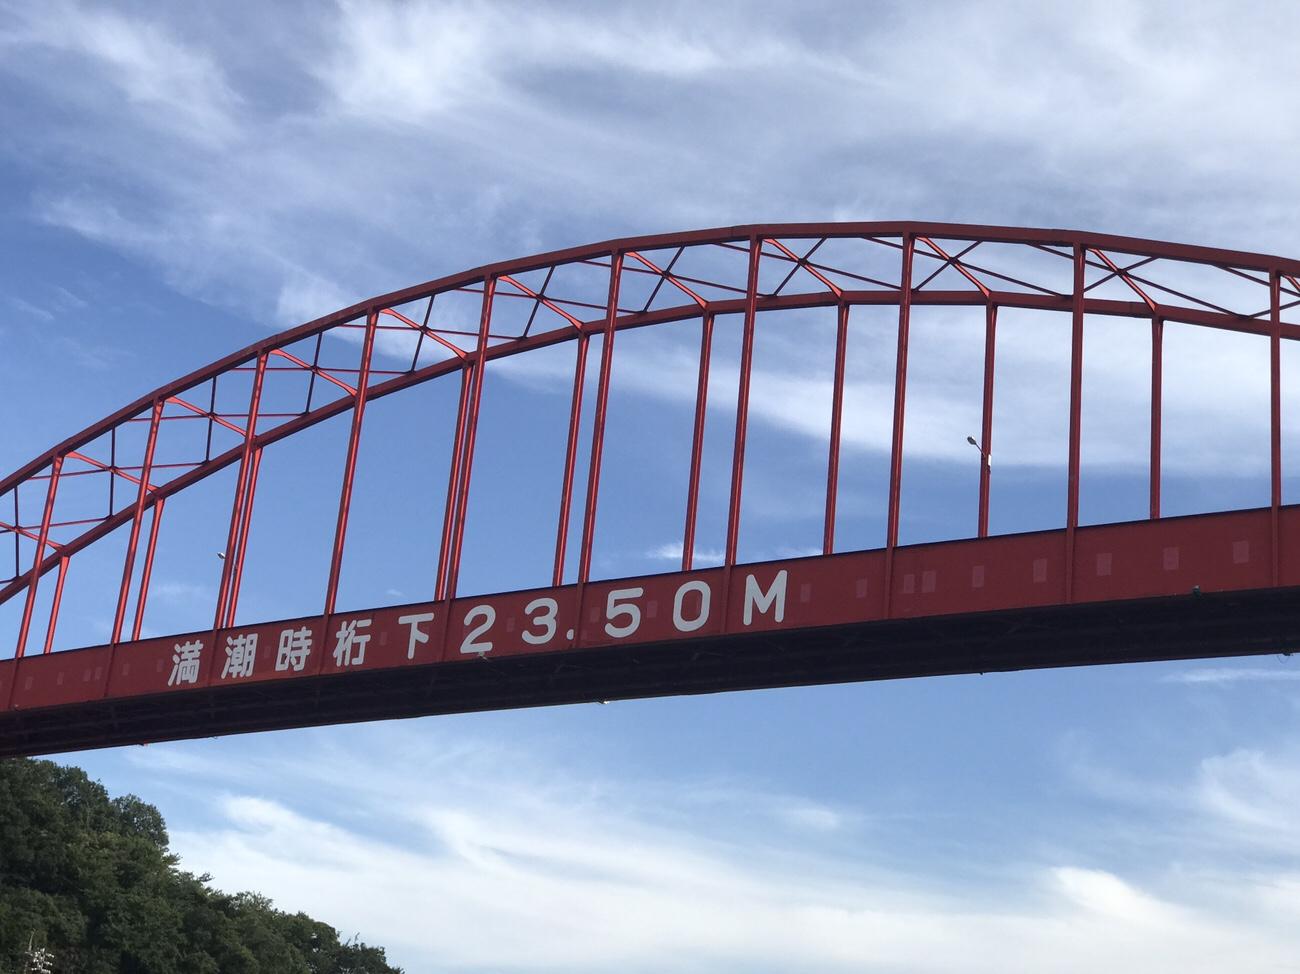 呉観光おすすめ音戸大橋 第一音戸大橋を下からみたところ